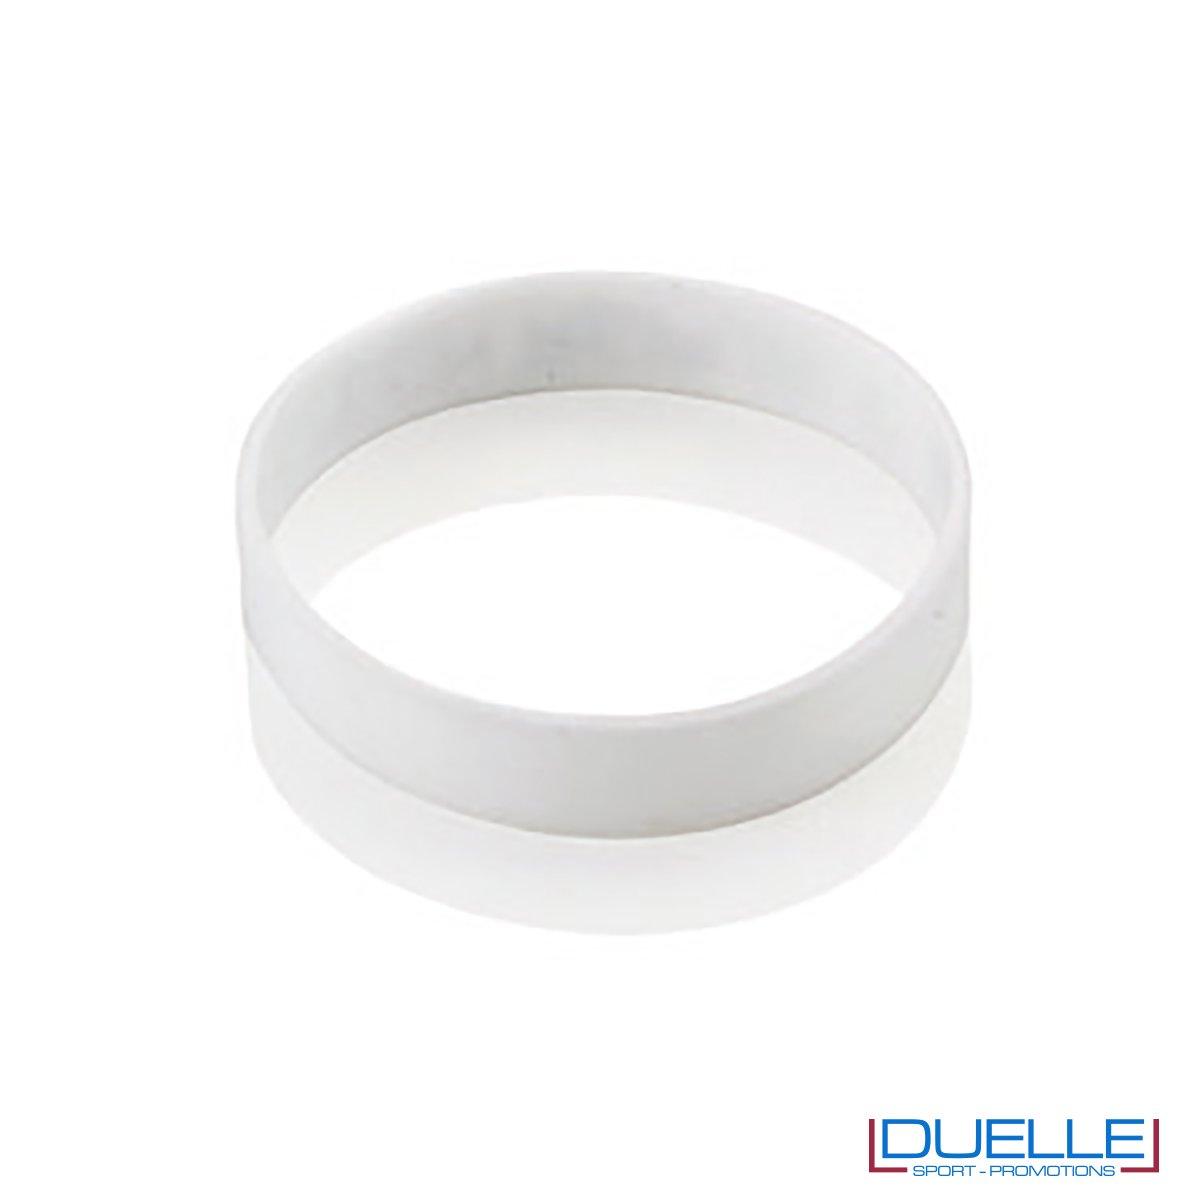 bracciale in silicone personalizzato bianco Europei 2016, gadget estate sport, gadget Europei 2016, gadget tifo